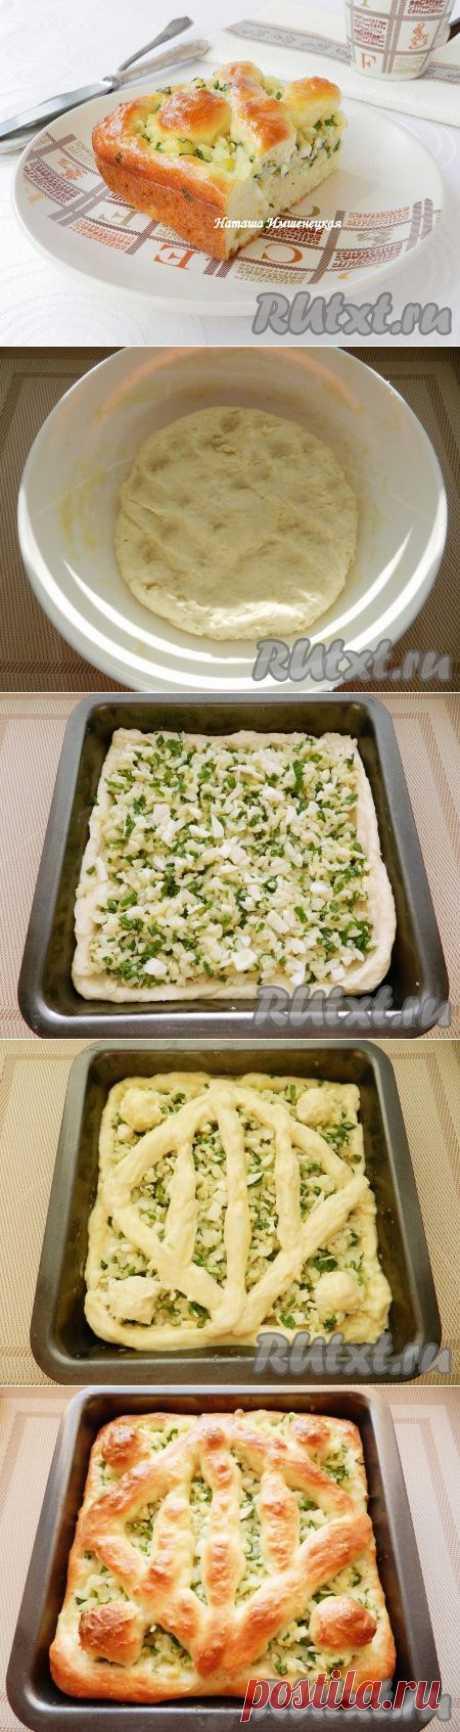 El pastel con el cebollino (la receta de la foto) | RUtxt.ru